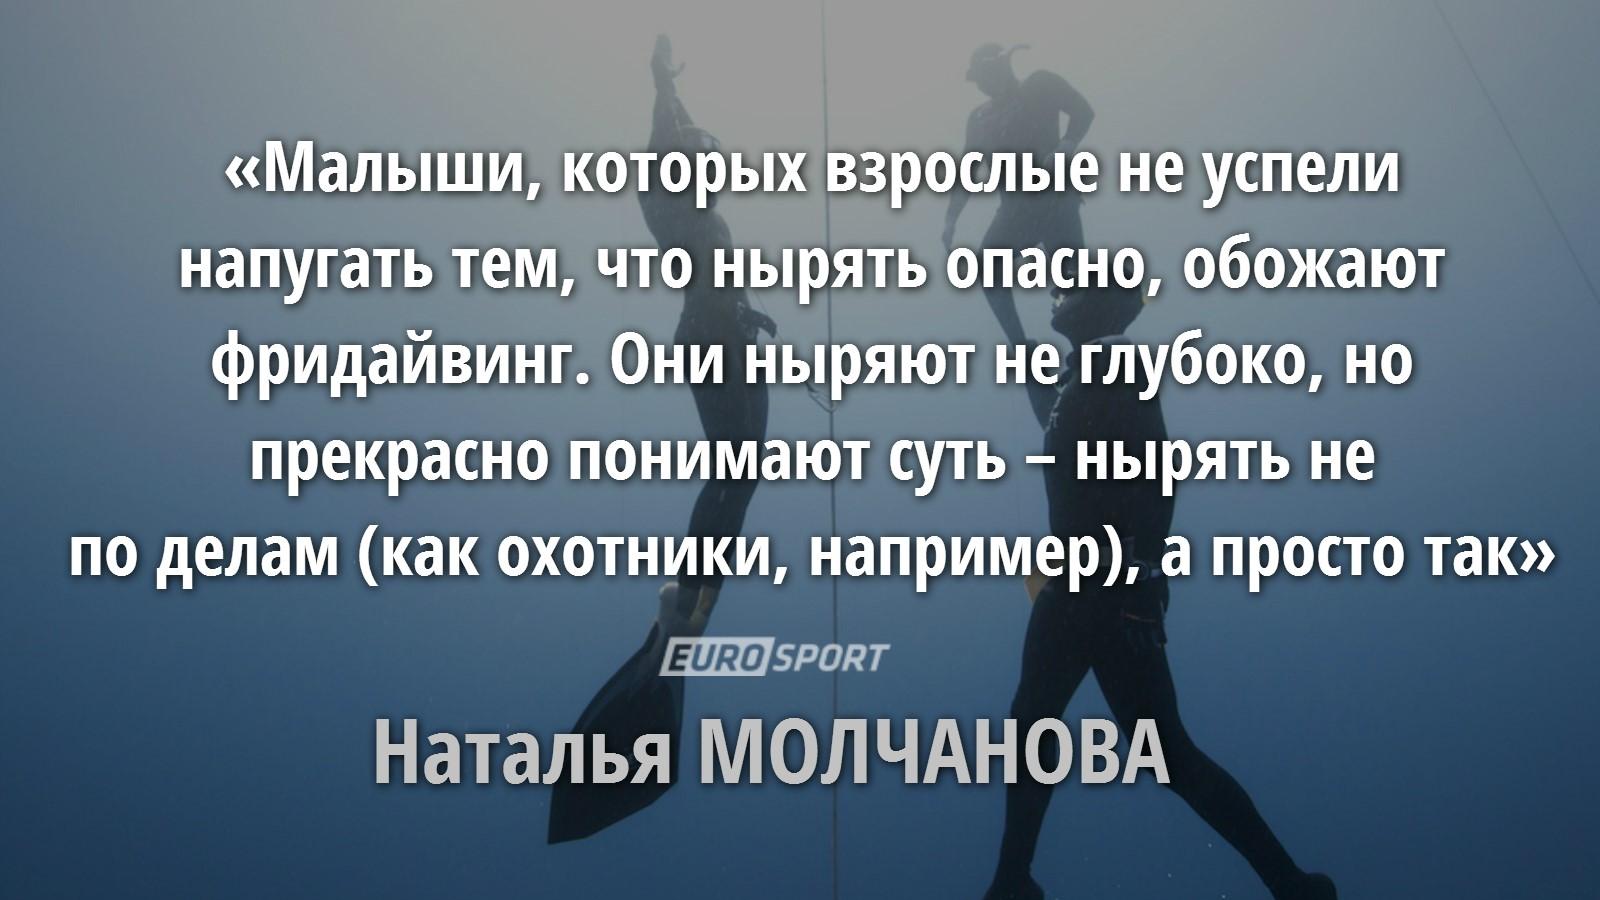 Наталья Молчанова